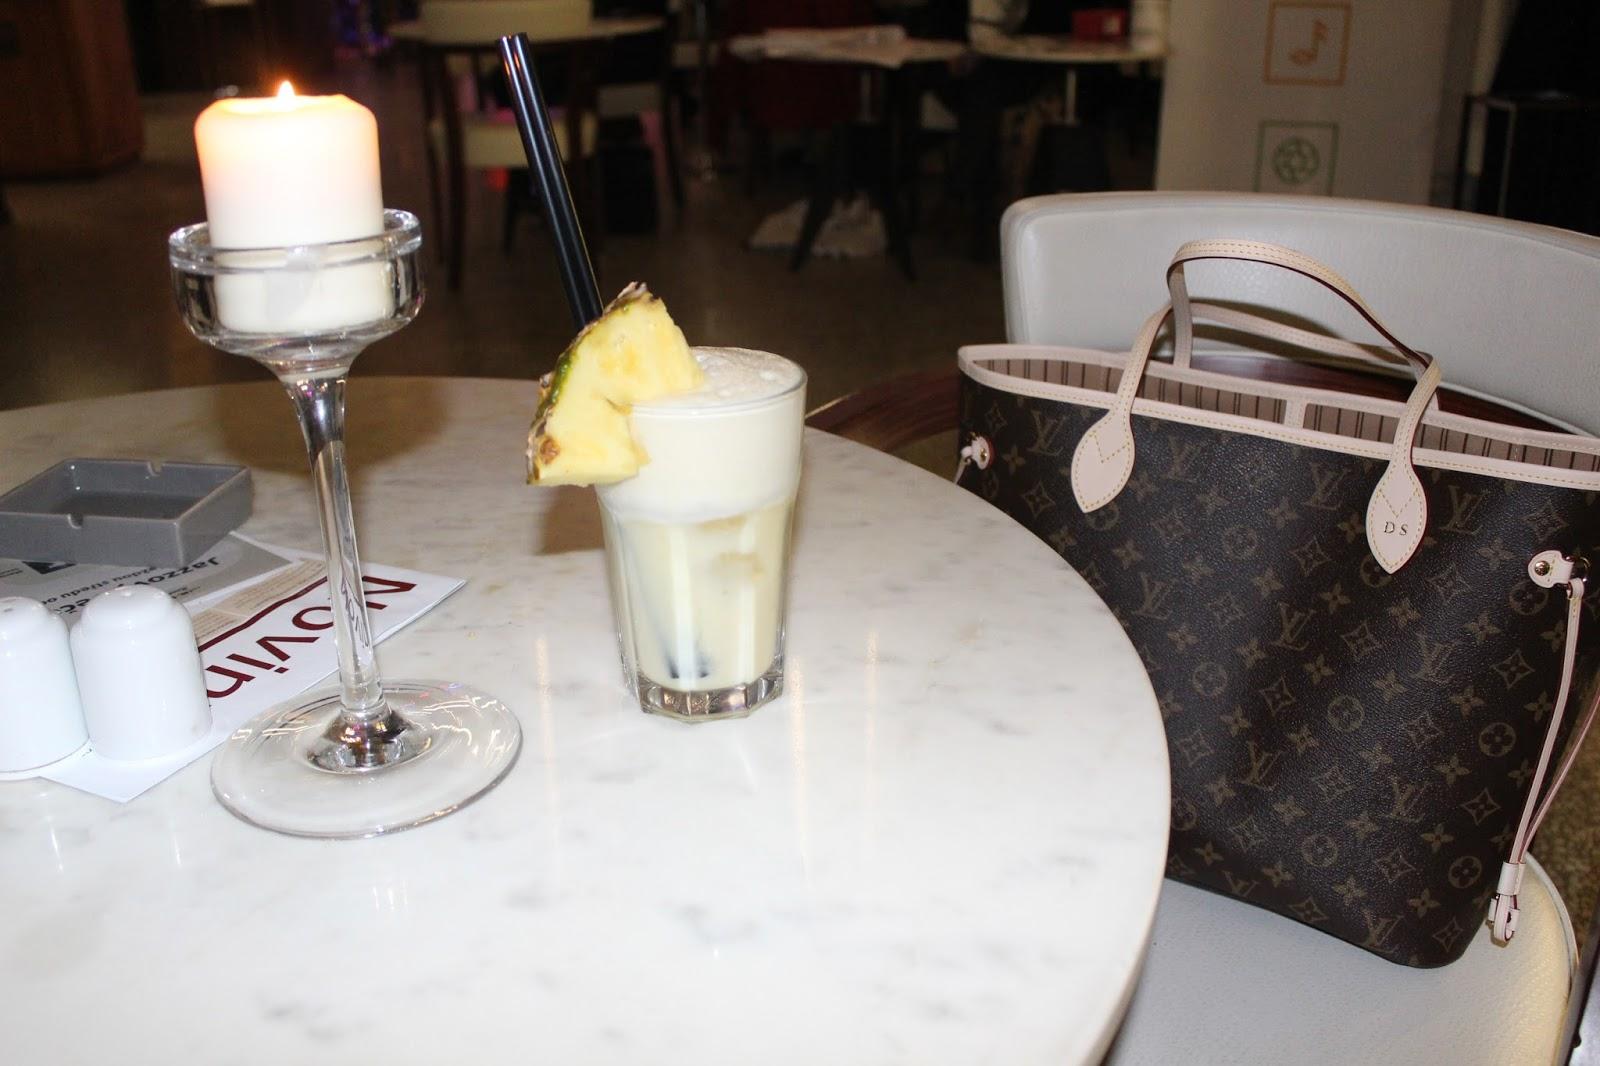 4fed0fd000 Kabelky Louis Vuitton se mi líbí v jednoduchých outfitech